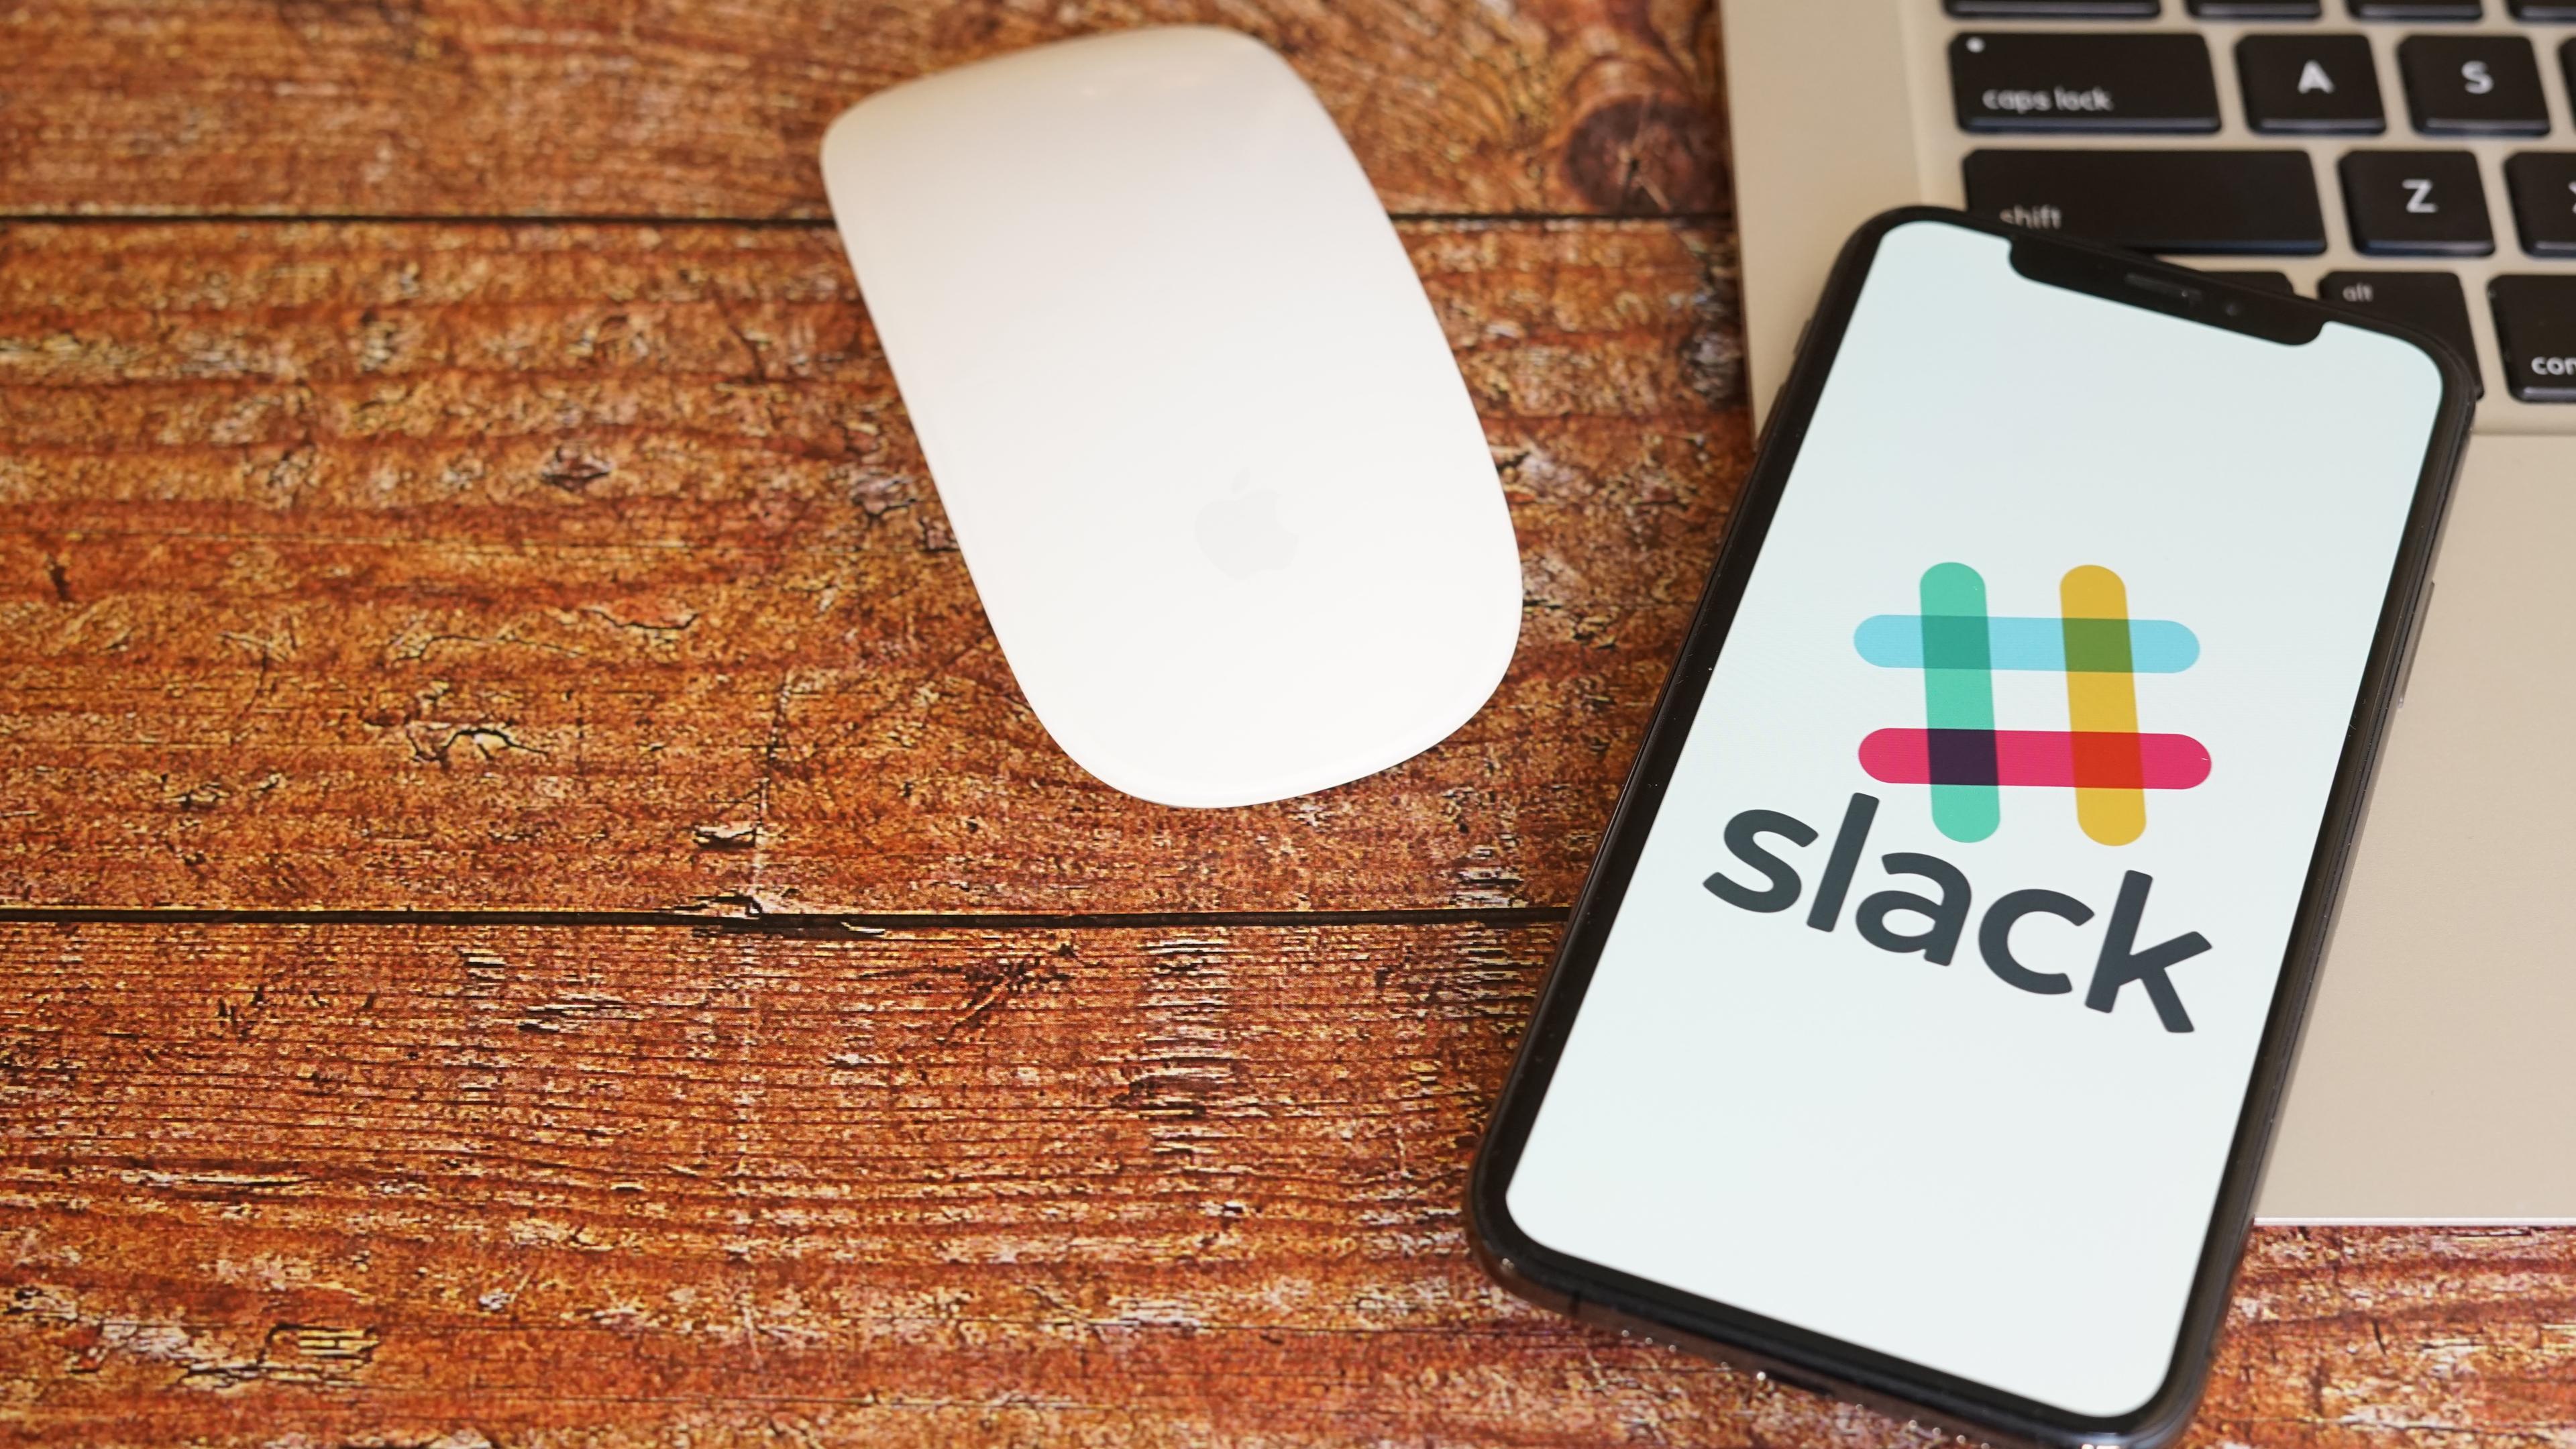 リマインダー slack Slackのリマインダーの機能と使い方!活用方法も解説!